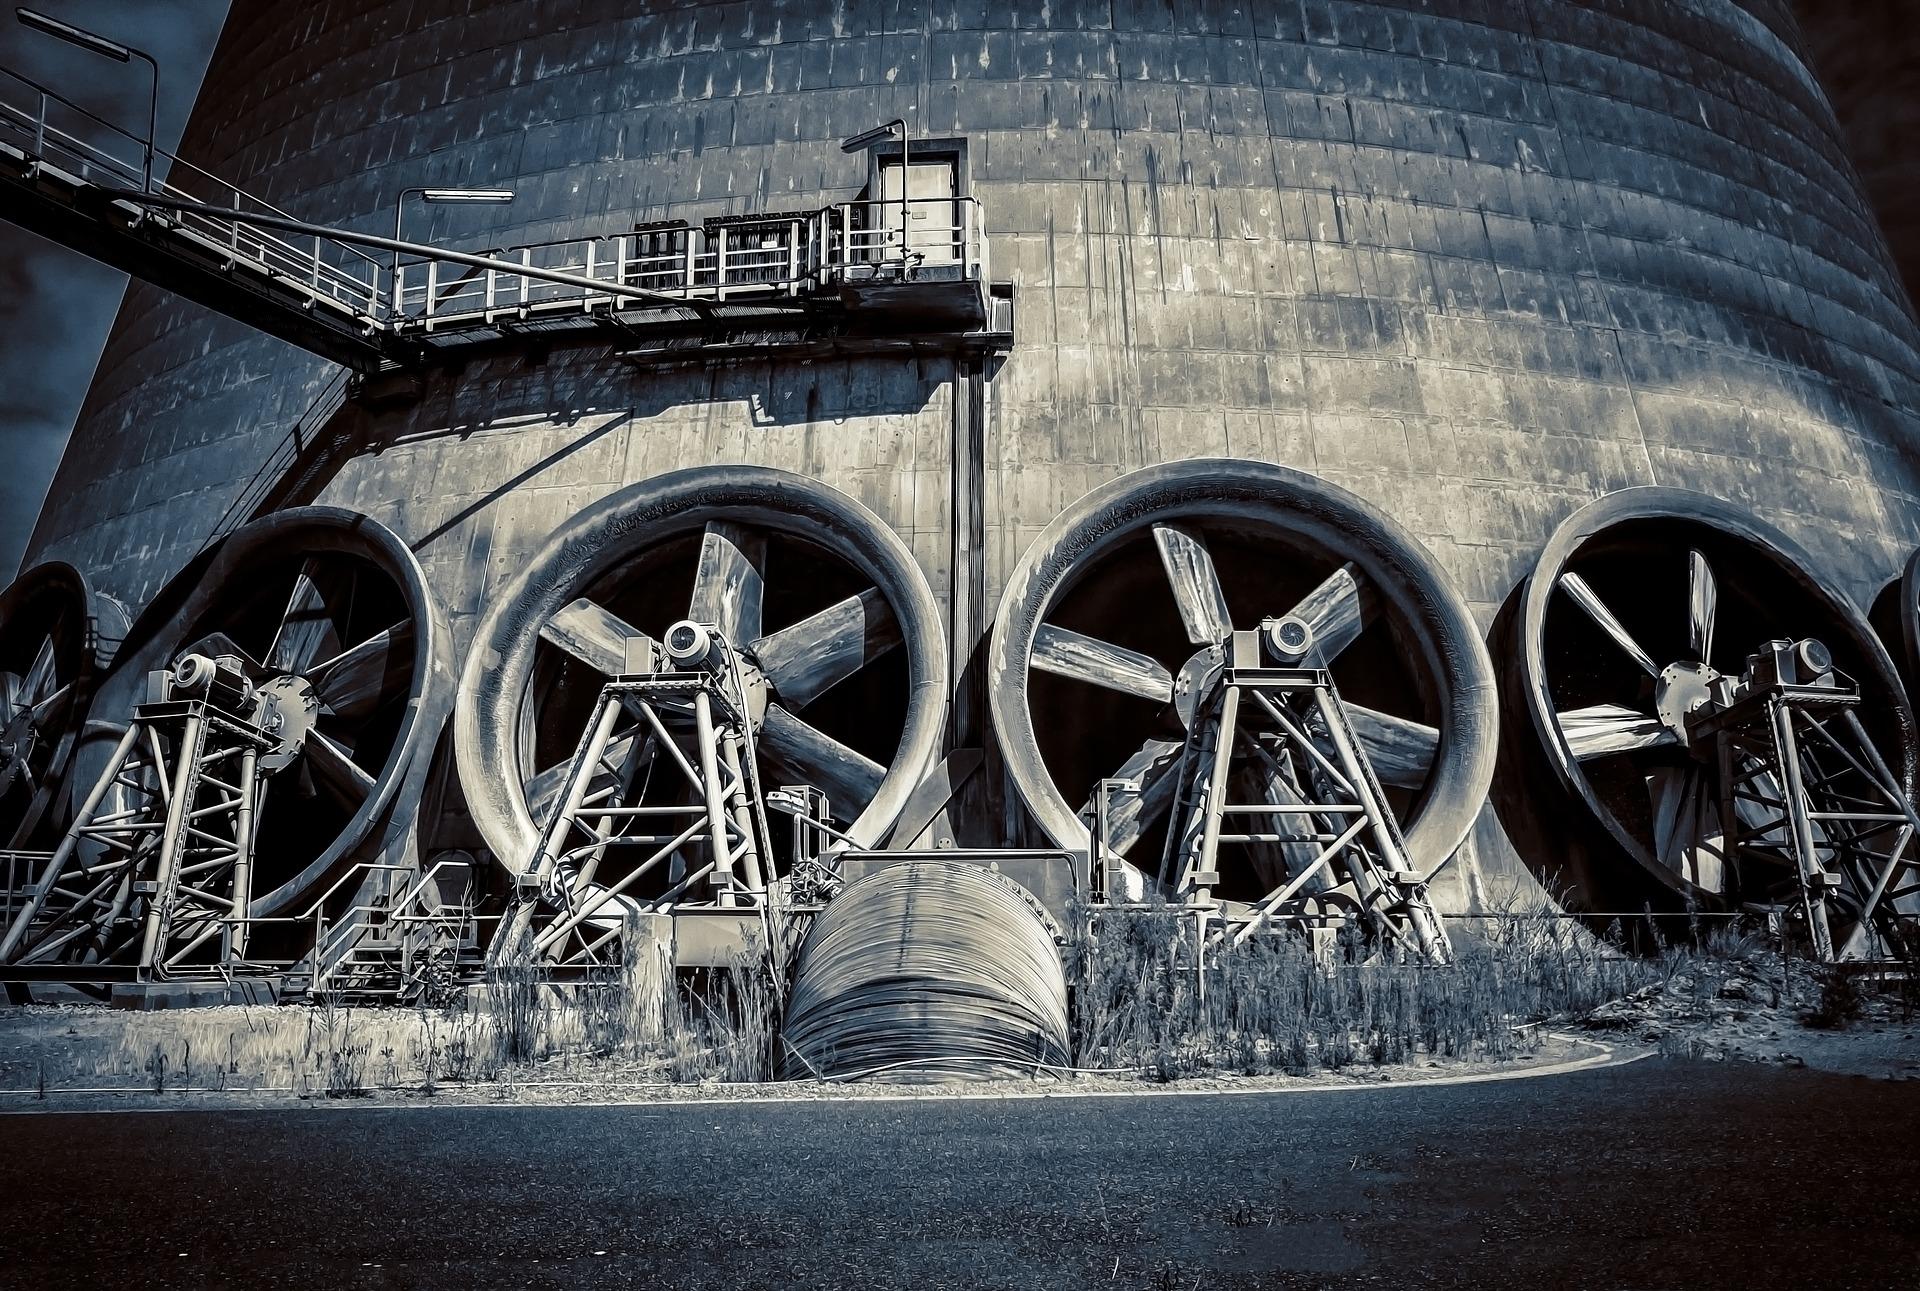 Comment faire fonctionner une centrale à vapeur?